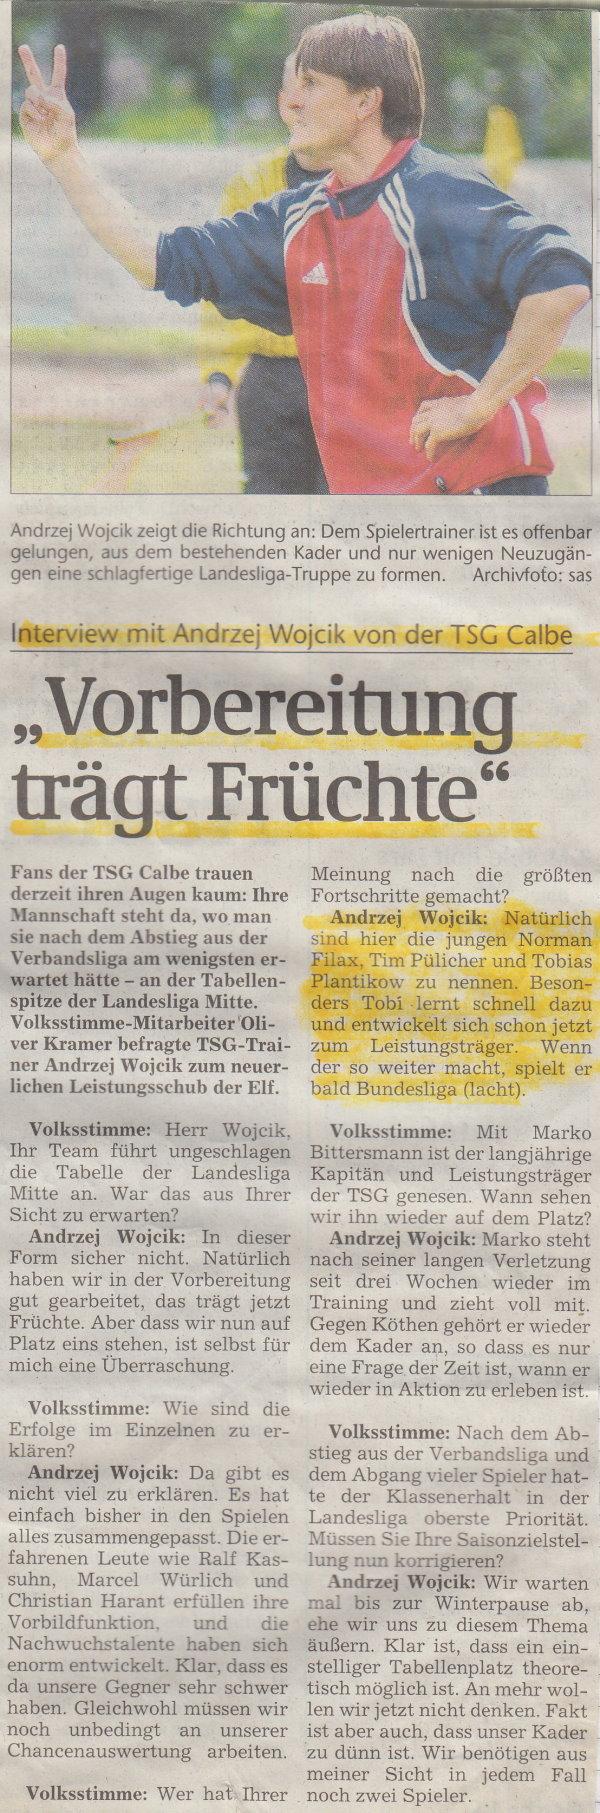 Volksstimme-Interview mit TSG-Trainer Andrzej Wojcik.